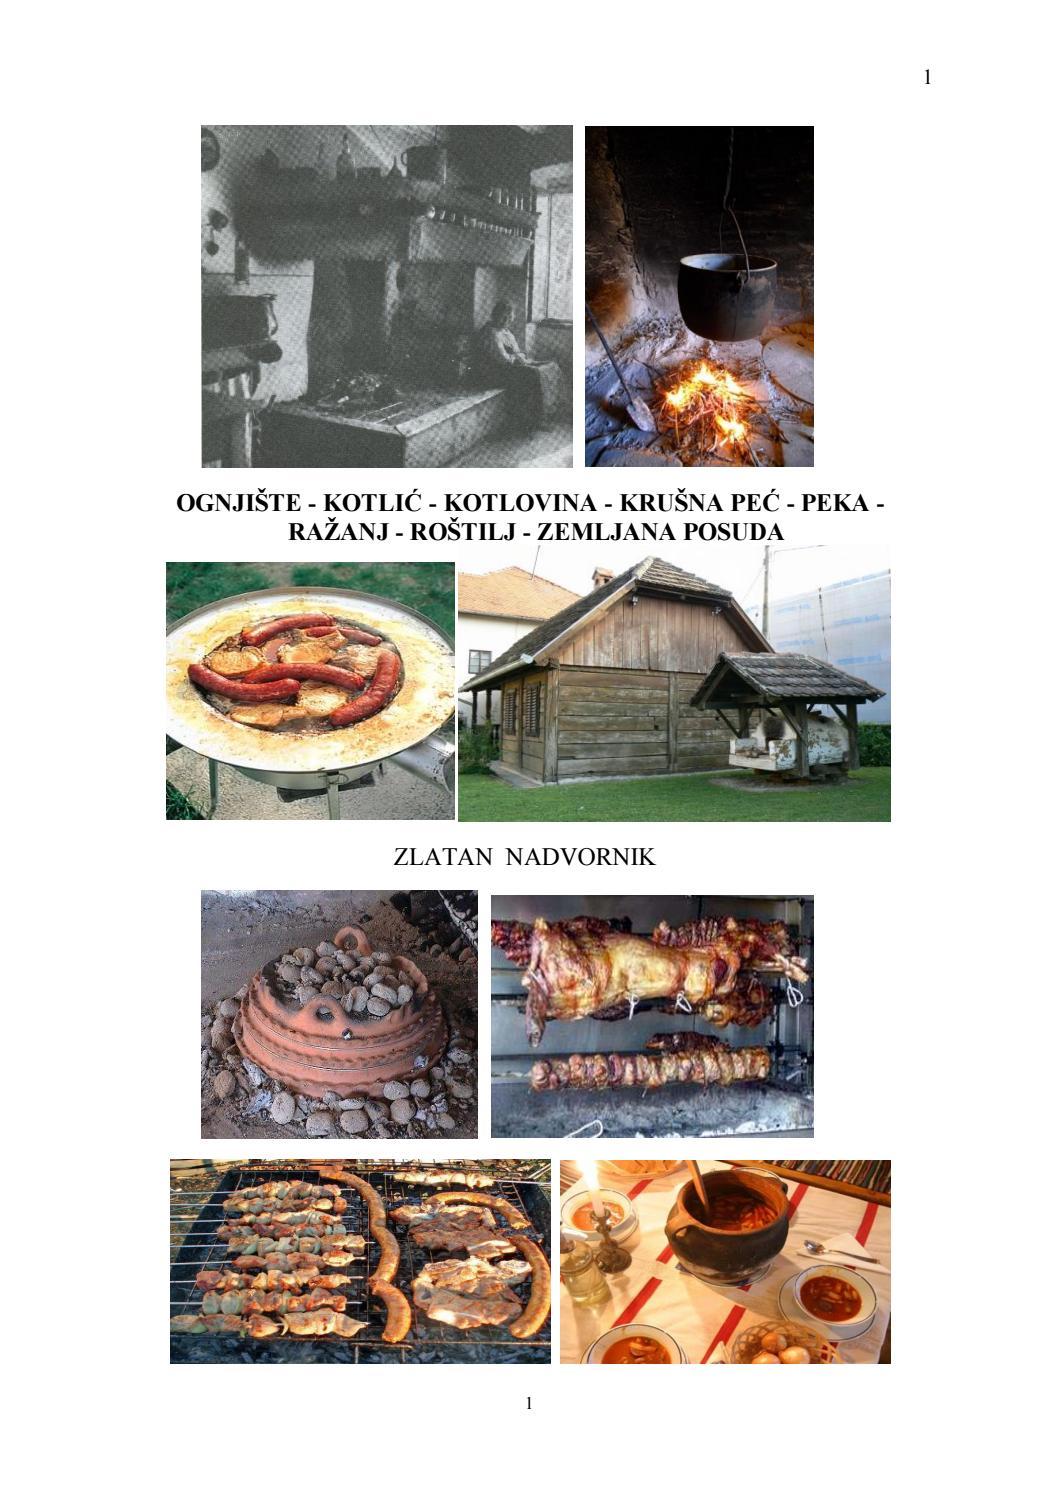 Gola slika s roštilja